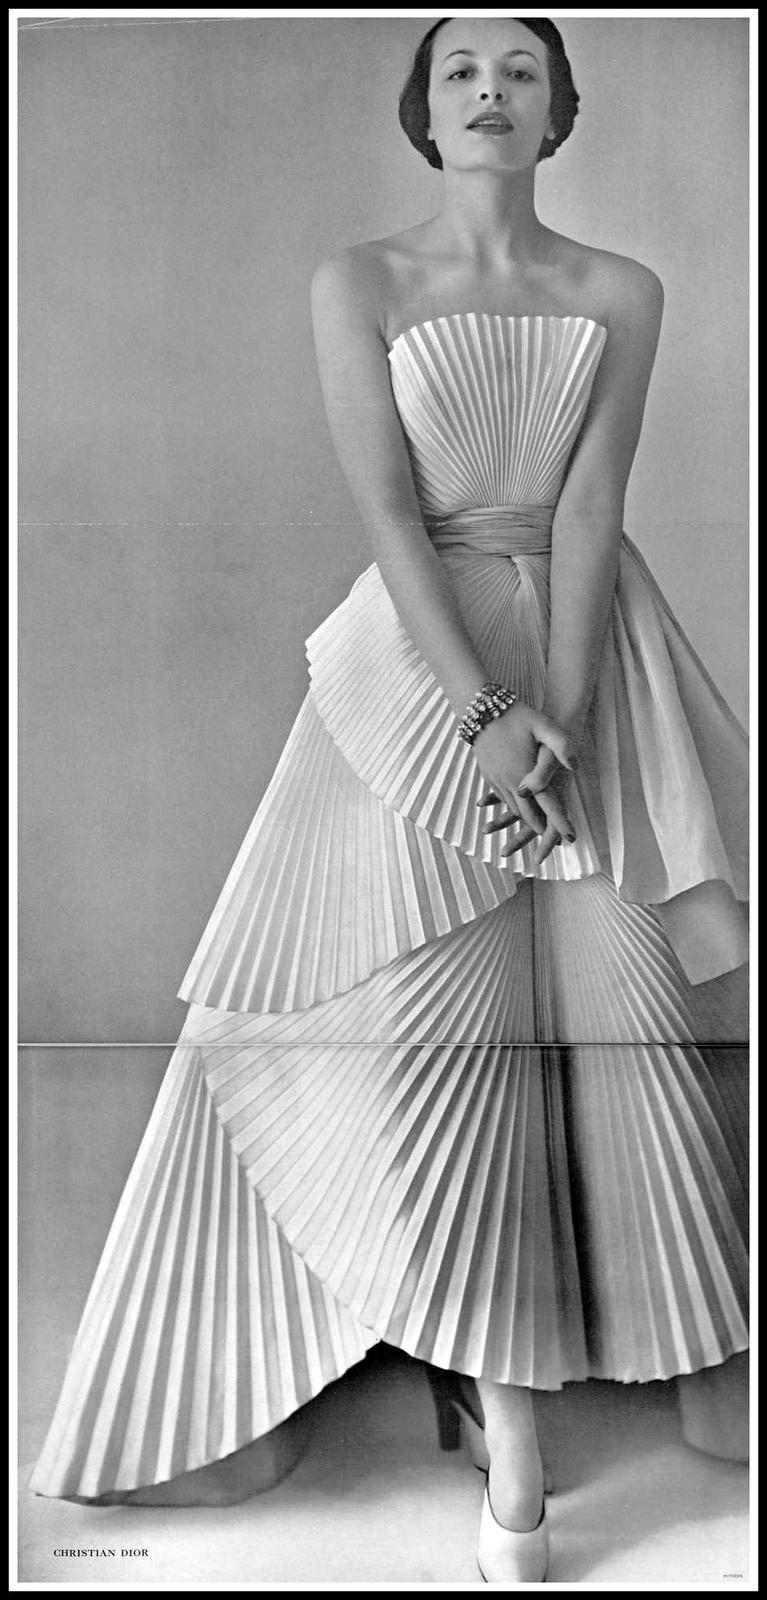 6eb938f7d3 Model in Christian Dior's pleated taffeta fan dress, photo by Pottier, 1950